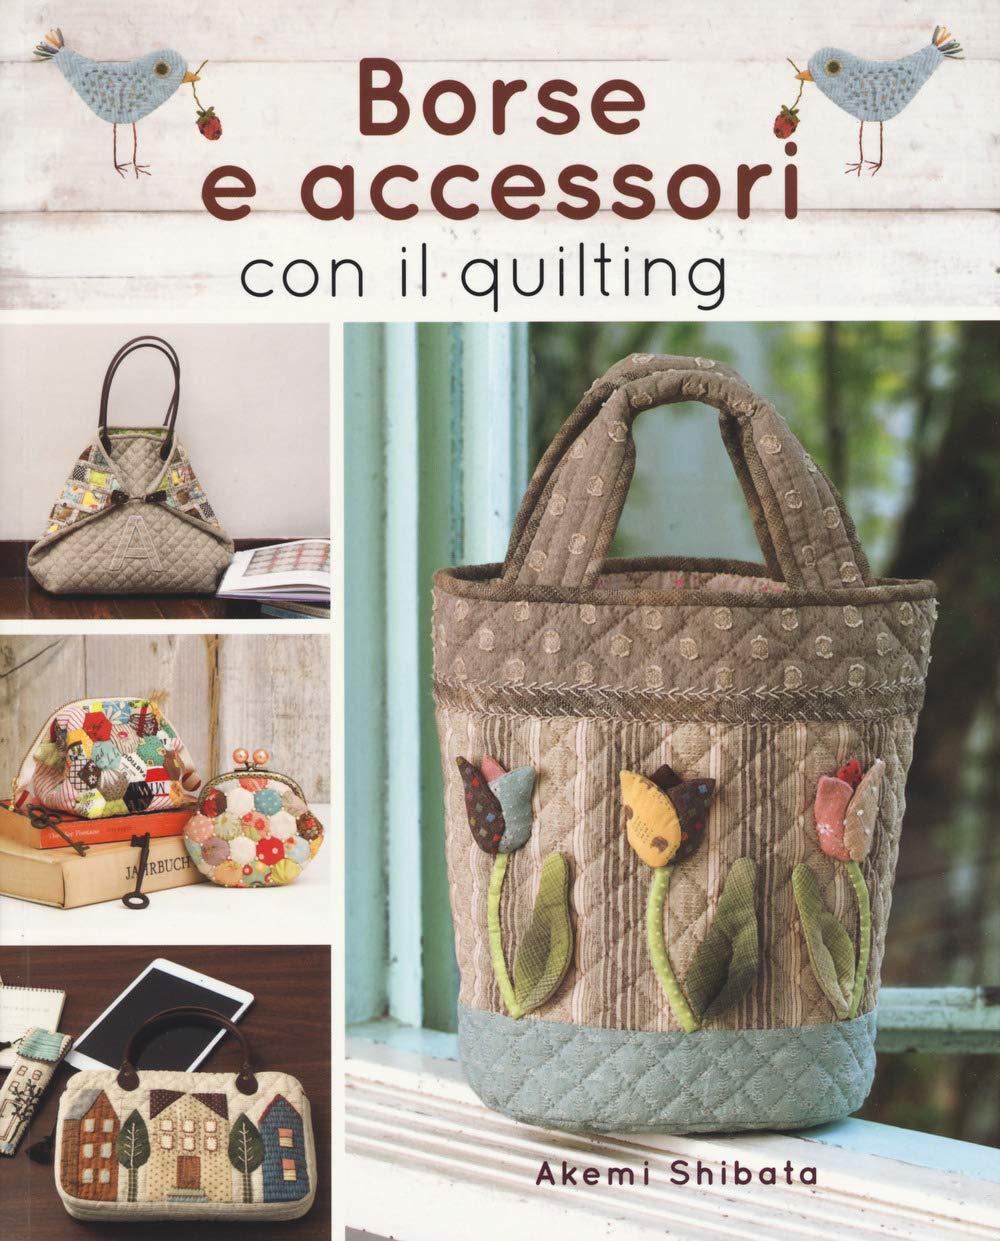 a basso prezzo 01e22 e313b Amazon.it: Borse e accessori con il quilting - Akemi Shibata ...